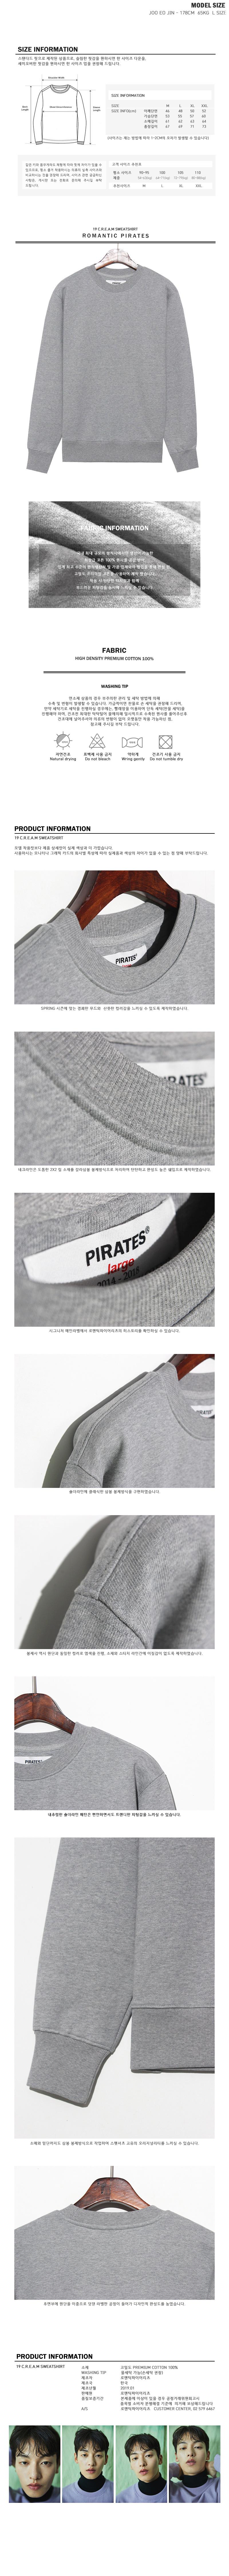 로맨틱 파이어리츠(ROMANTICPIRATES) C.r.e.a.m Sweatshirt (Gray)